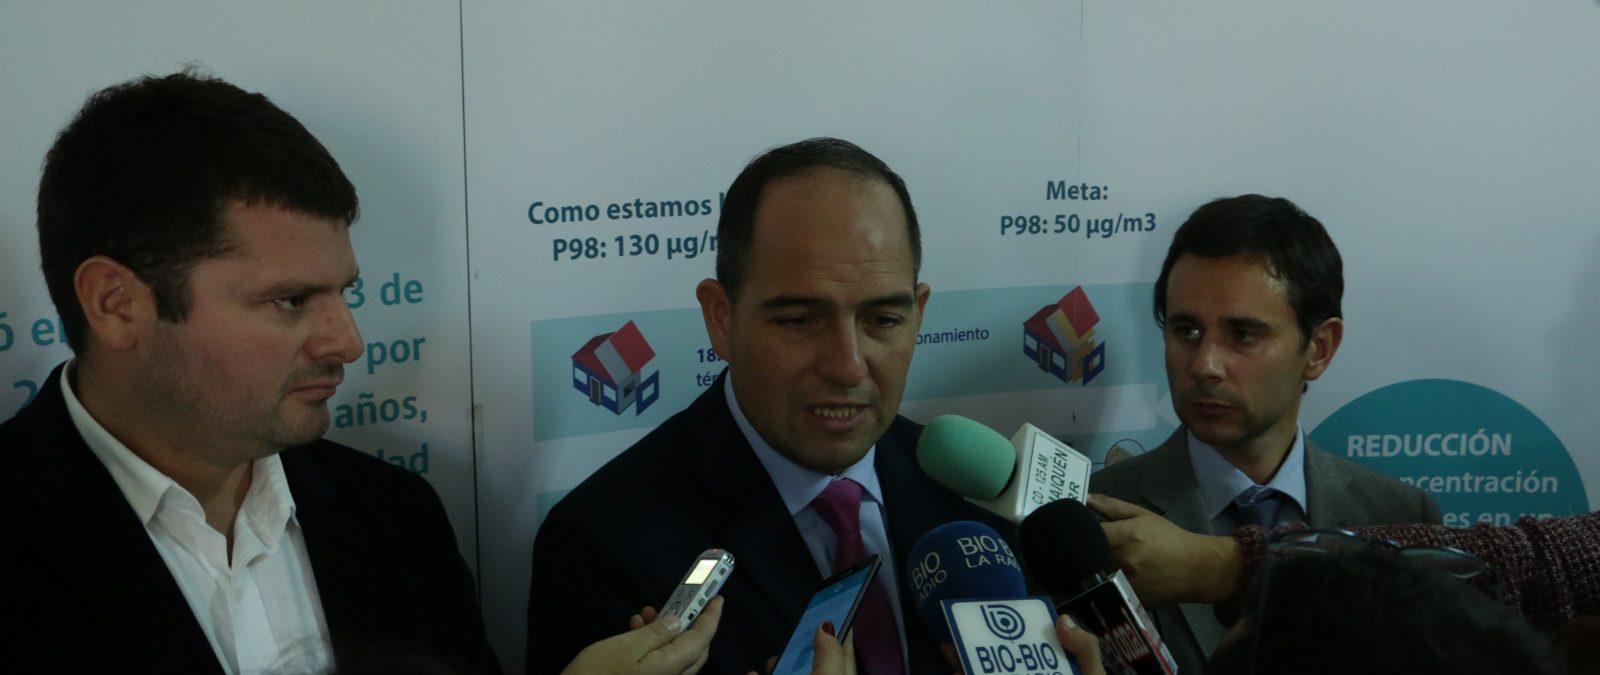 Intendente y seremis informan inicio de Gestión de Episodios Críticos para la ciudad de Valdivia